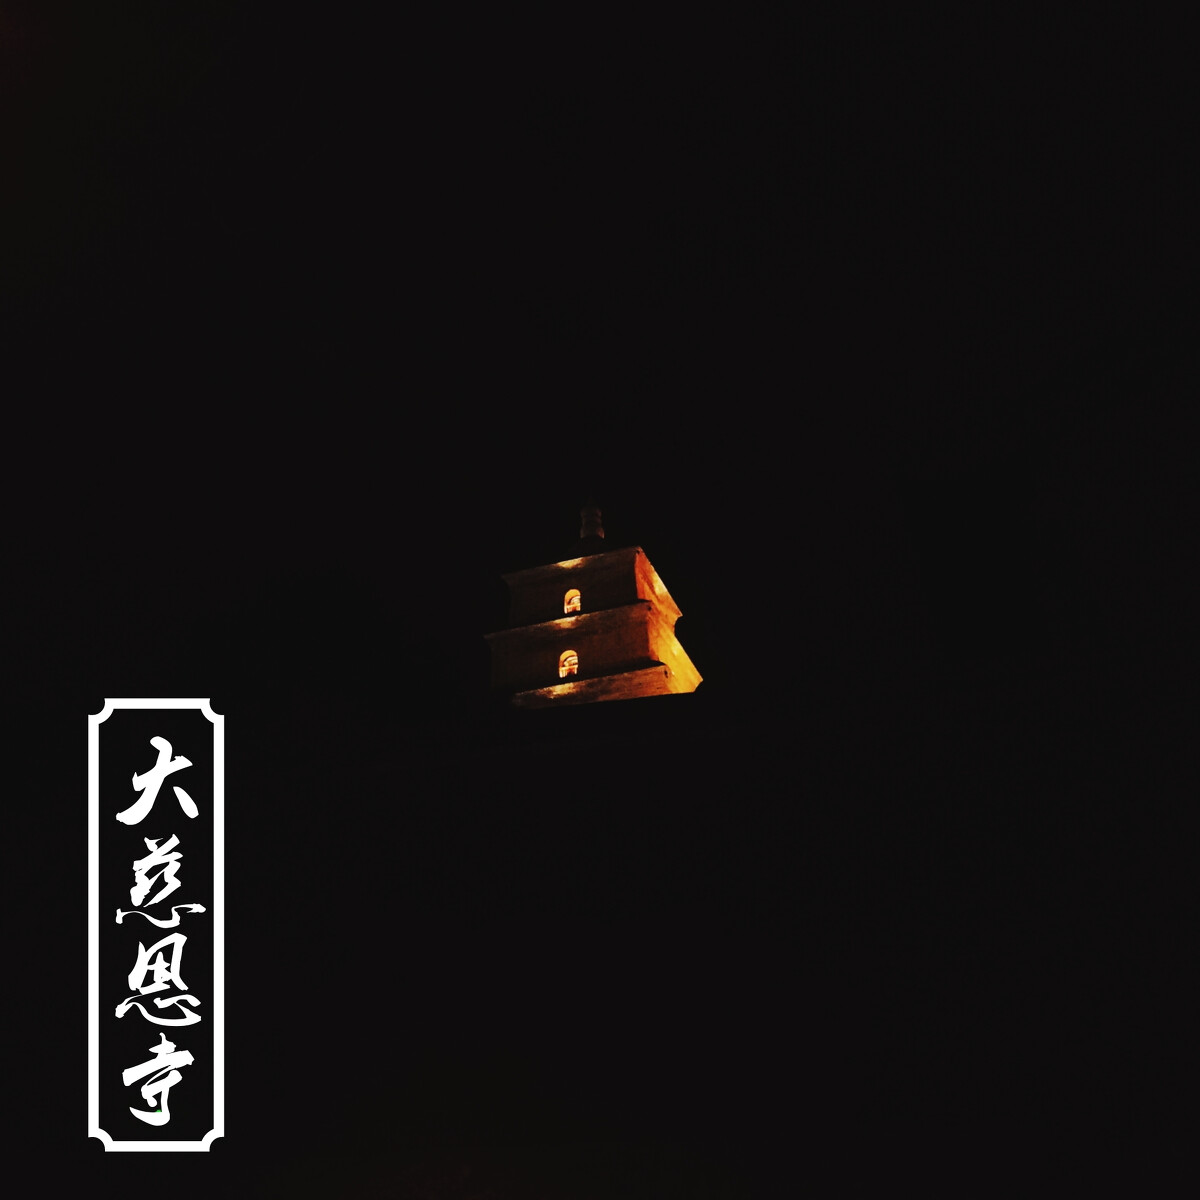 西安大雁塔 又称大慈恩寺,唐永徽三年(652年),玄奘法师为